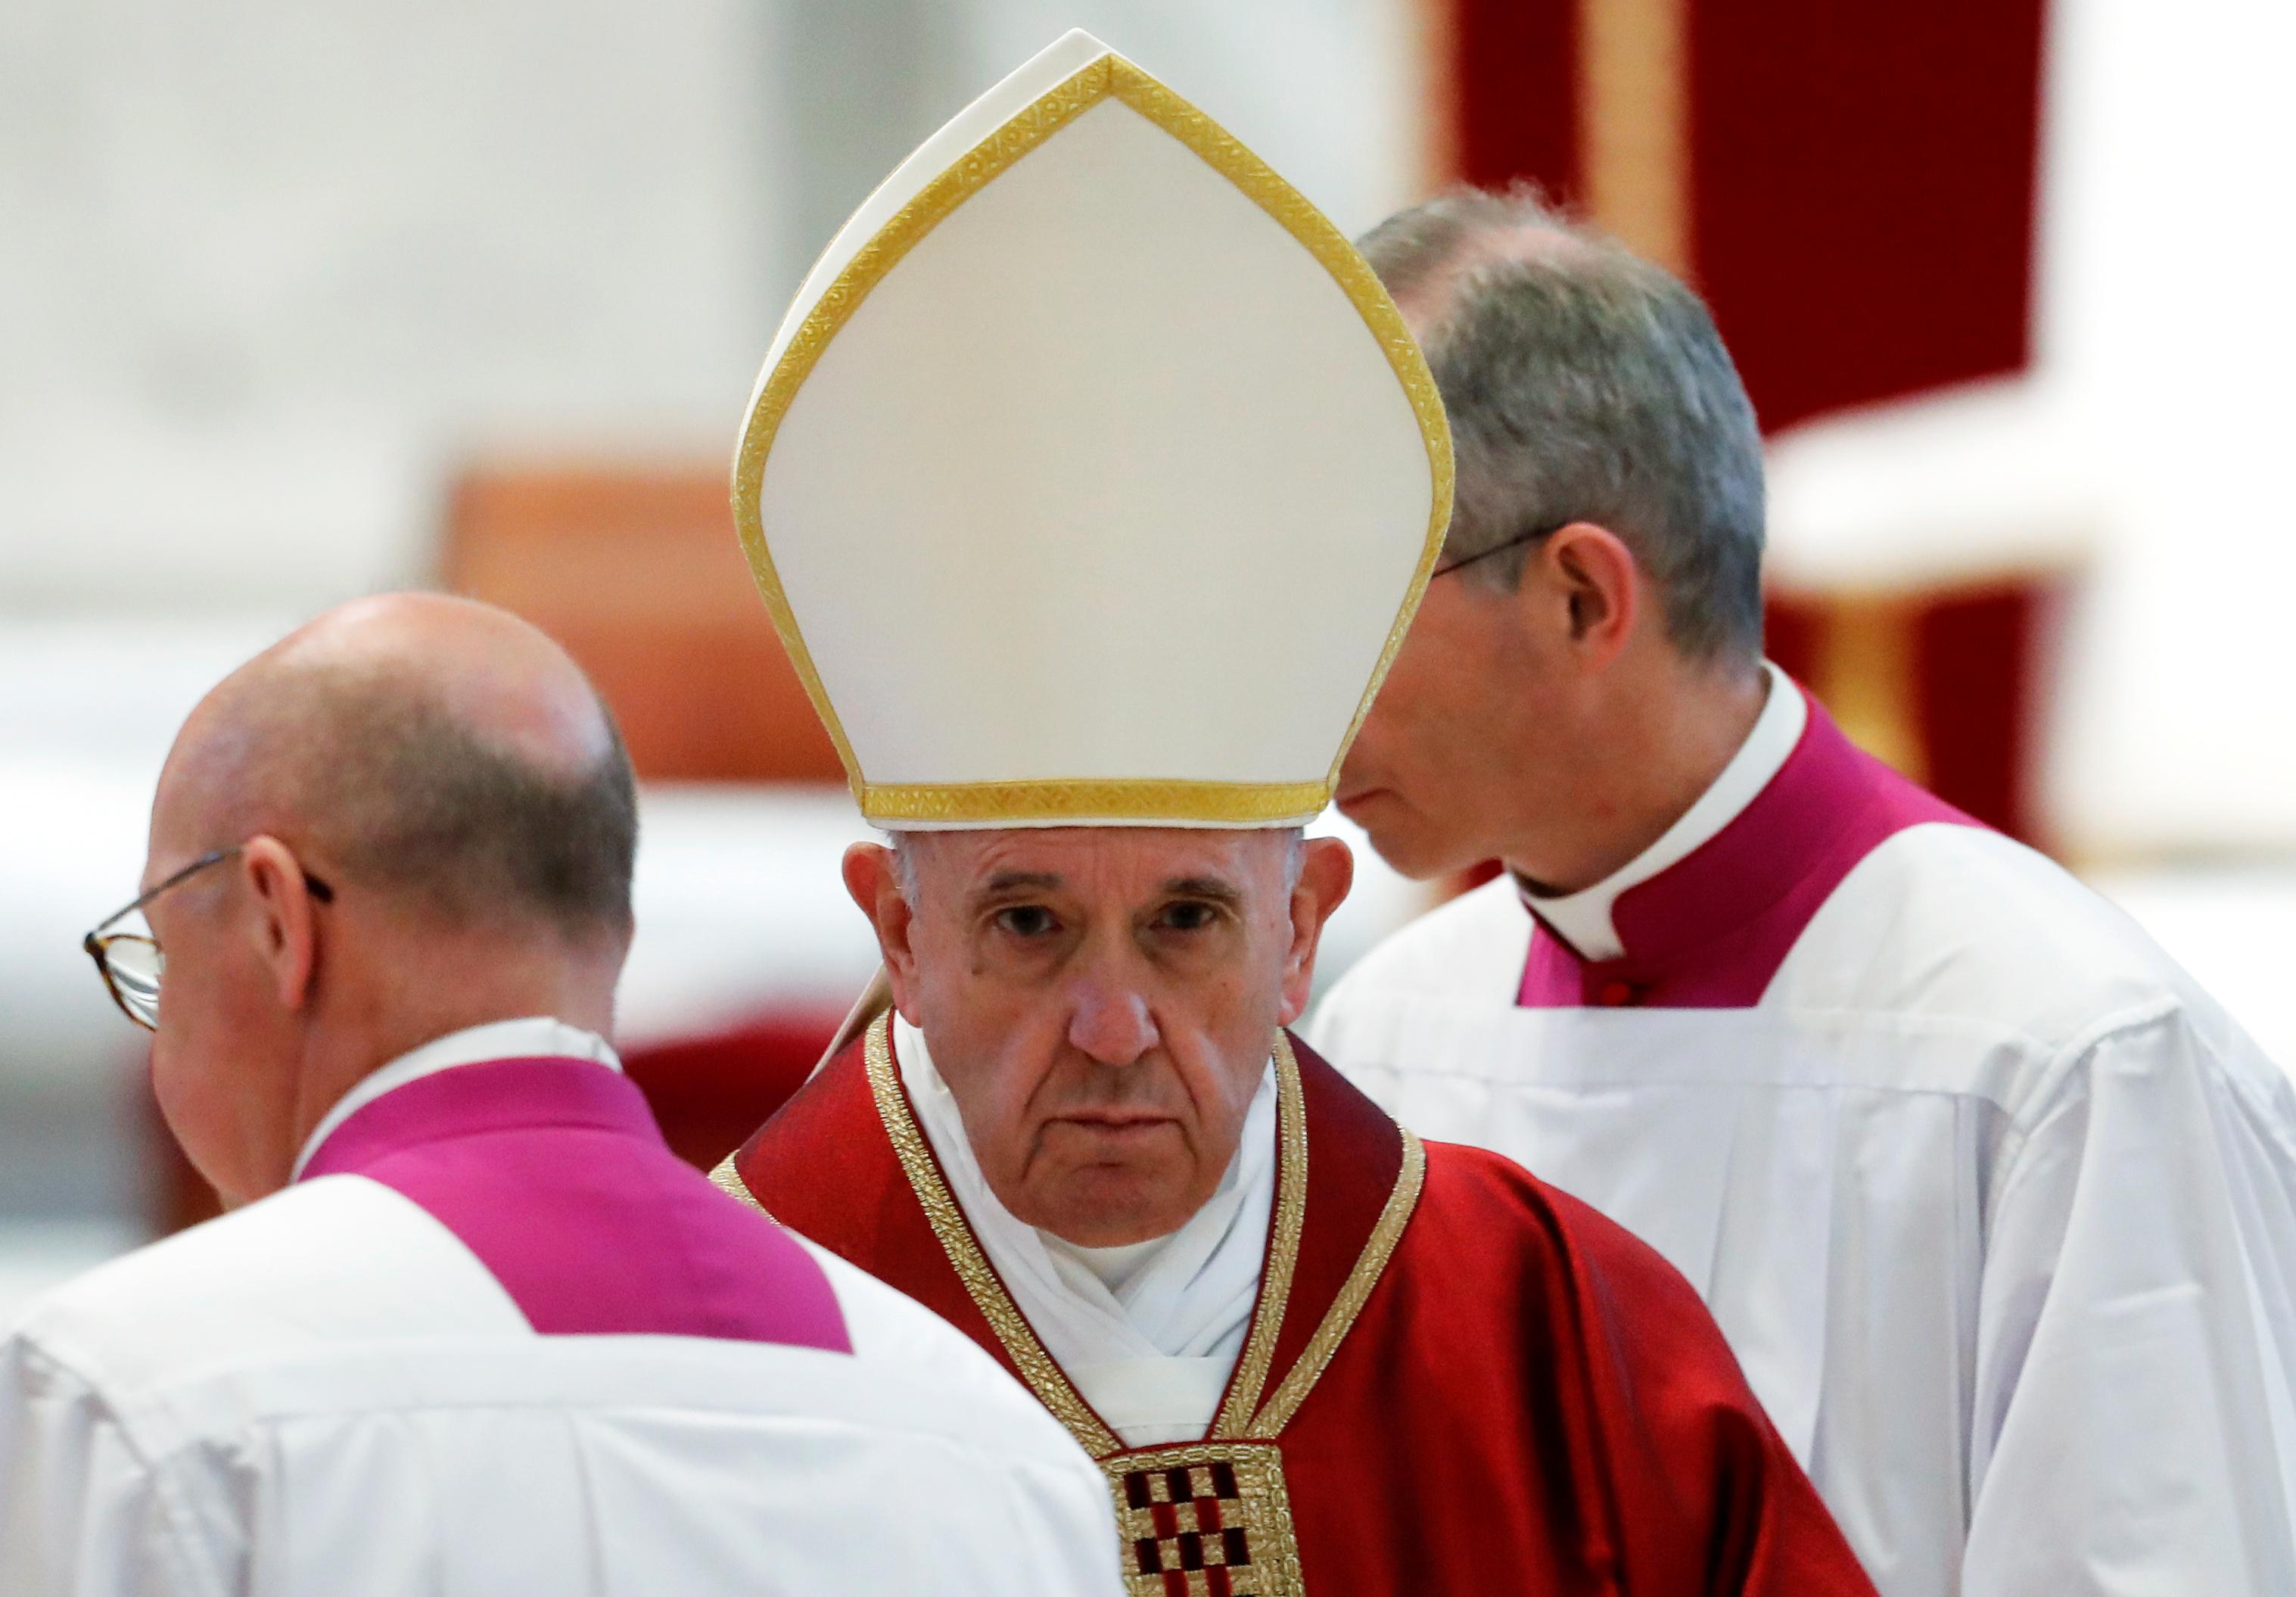 البابا فرانسيس يقود قداس الجمعة العظيمة (11)